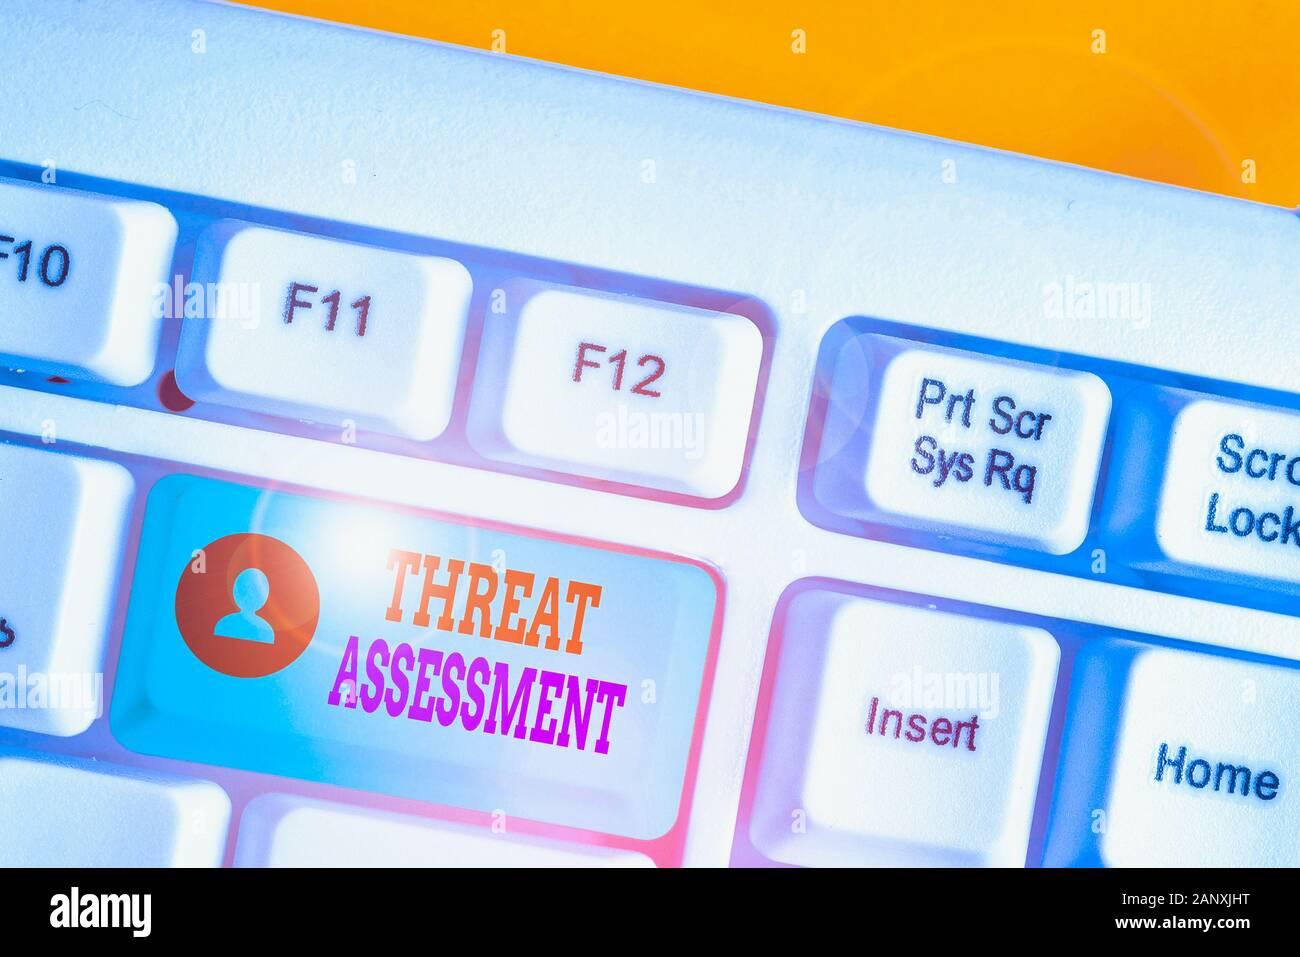 Prt Threat Assessment